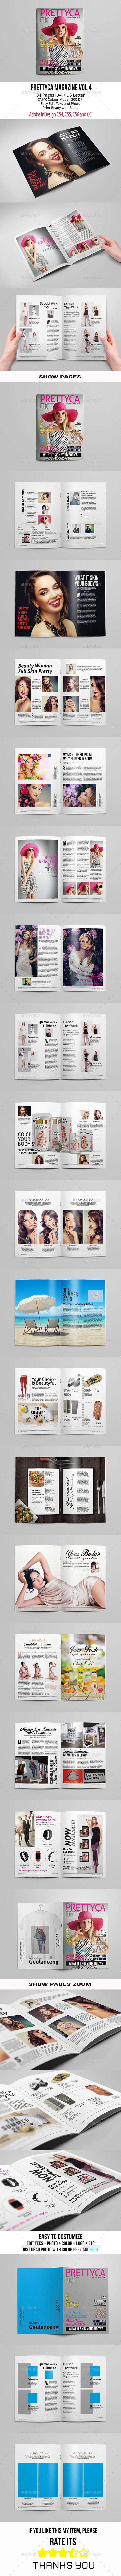 Prettyca Magazine Vol.4 A4/US Letter